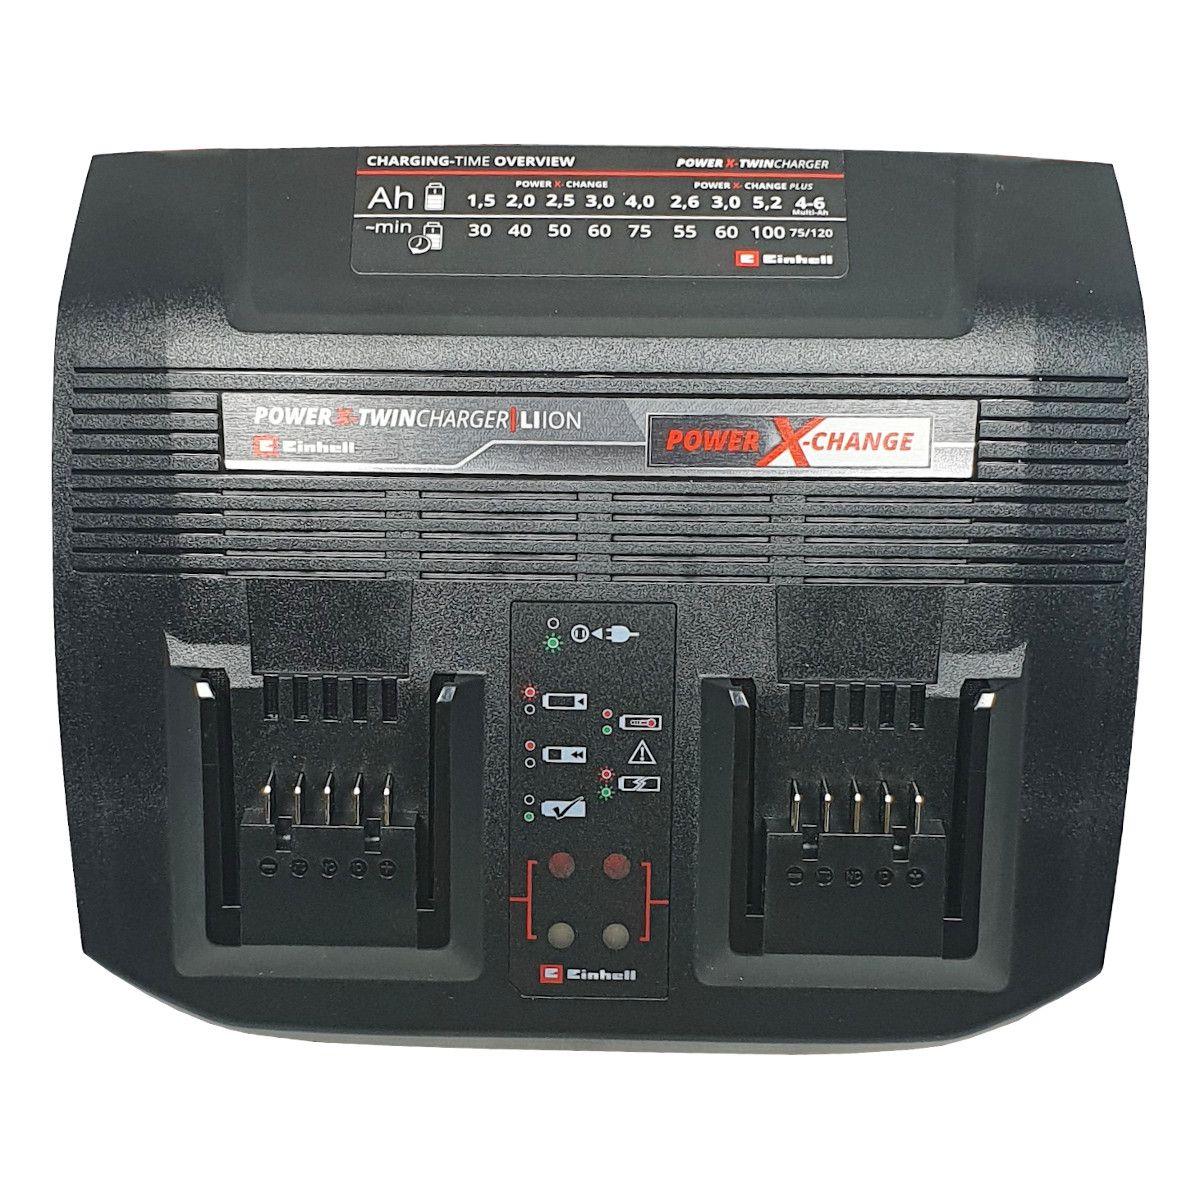 Carregador Duplo POWER X-TWINCHARGER, 3A, Einhell, Bivolt, 4512093